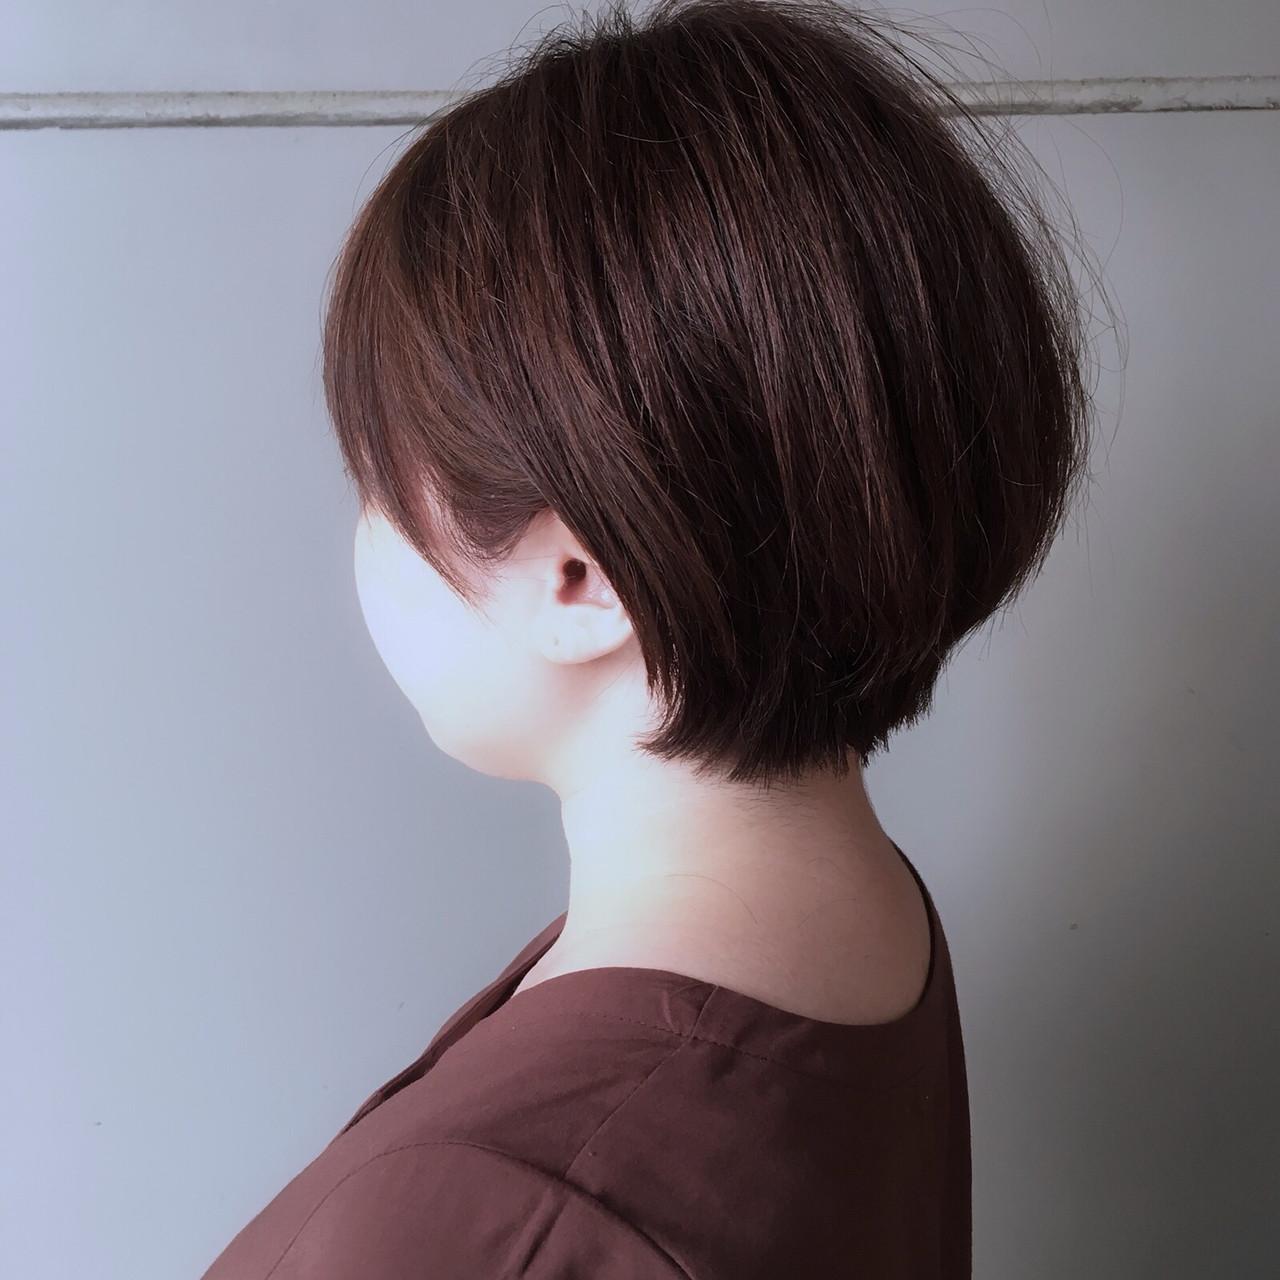 ピンクブラウン ショートヘア 大人かわいい ショートボブ ヘアスタイルや髪型の写真・画像   Yumi Hiramatsu / Sourire Imaizumi【スーリール イマイズミ】